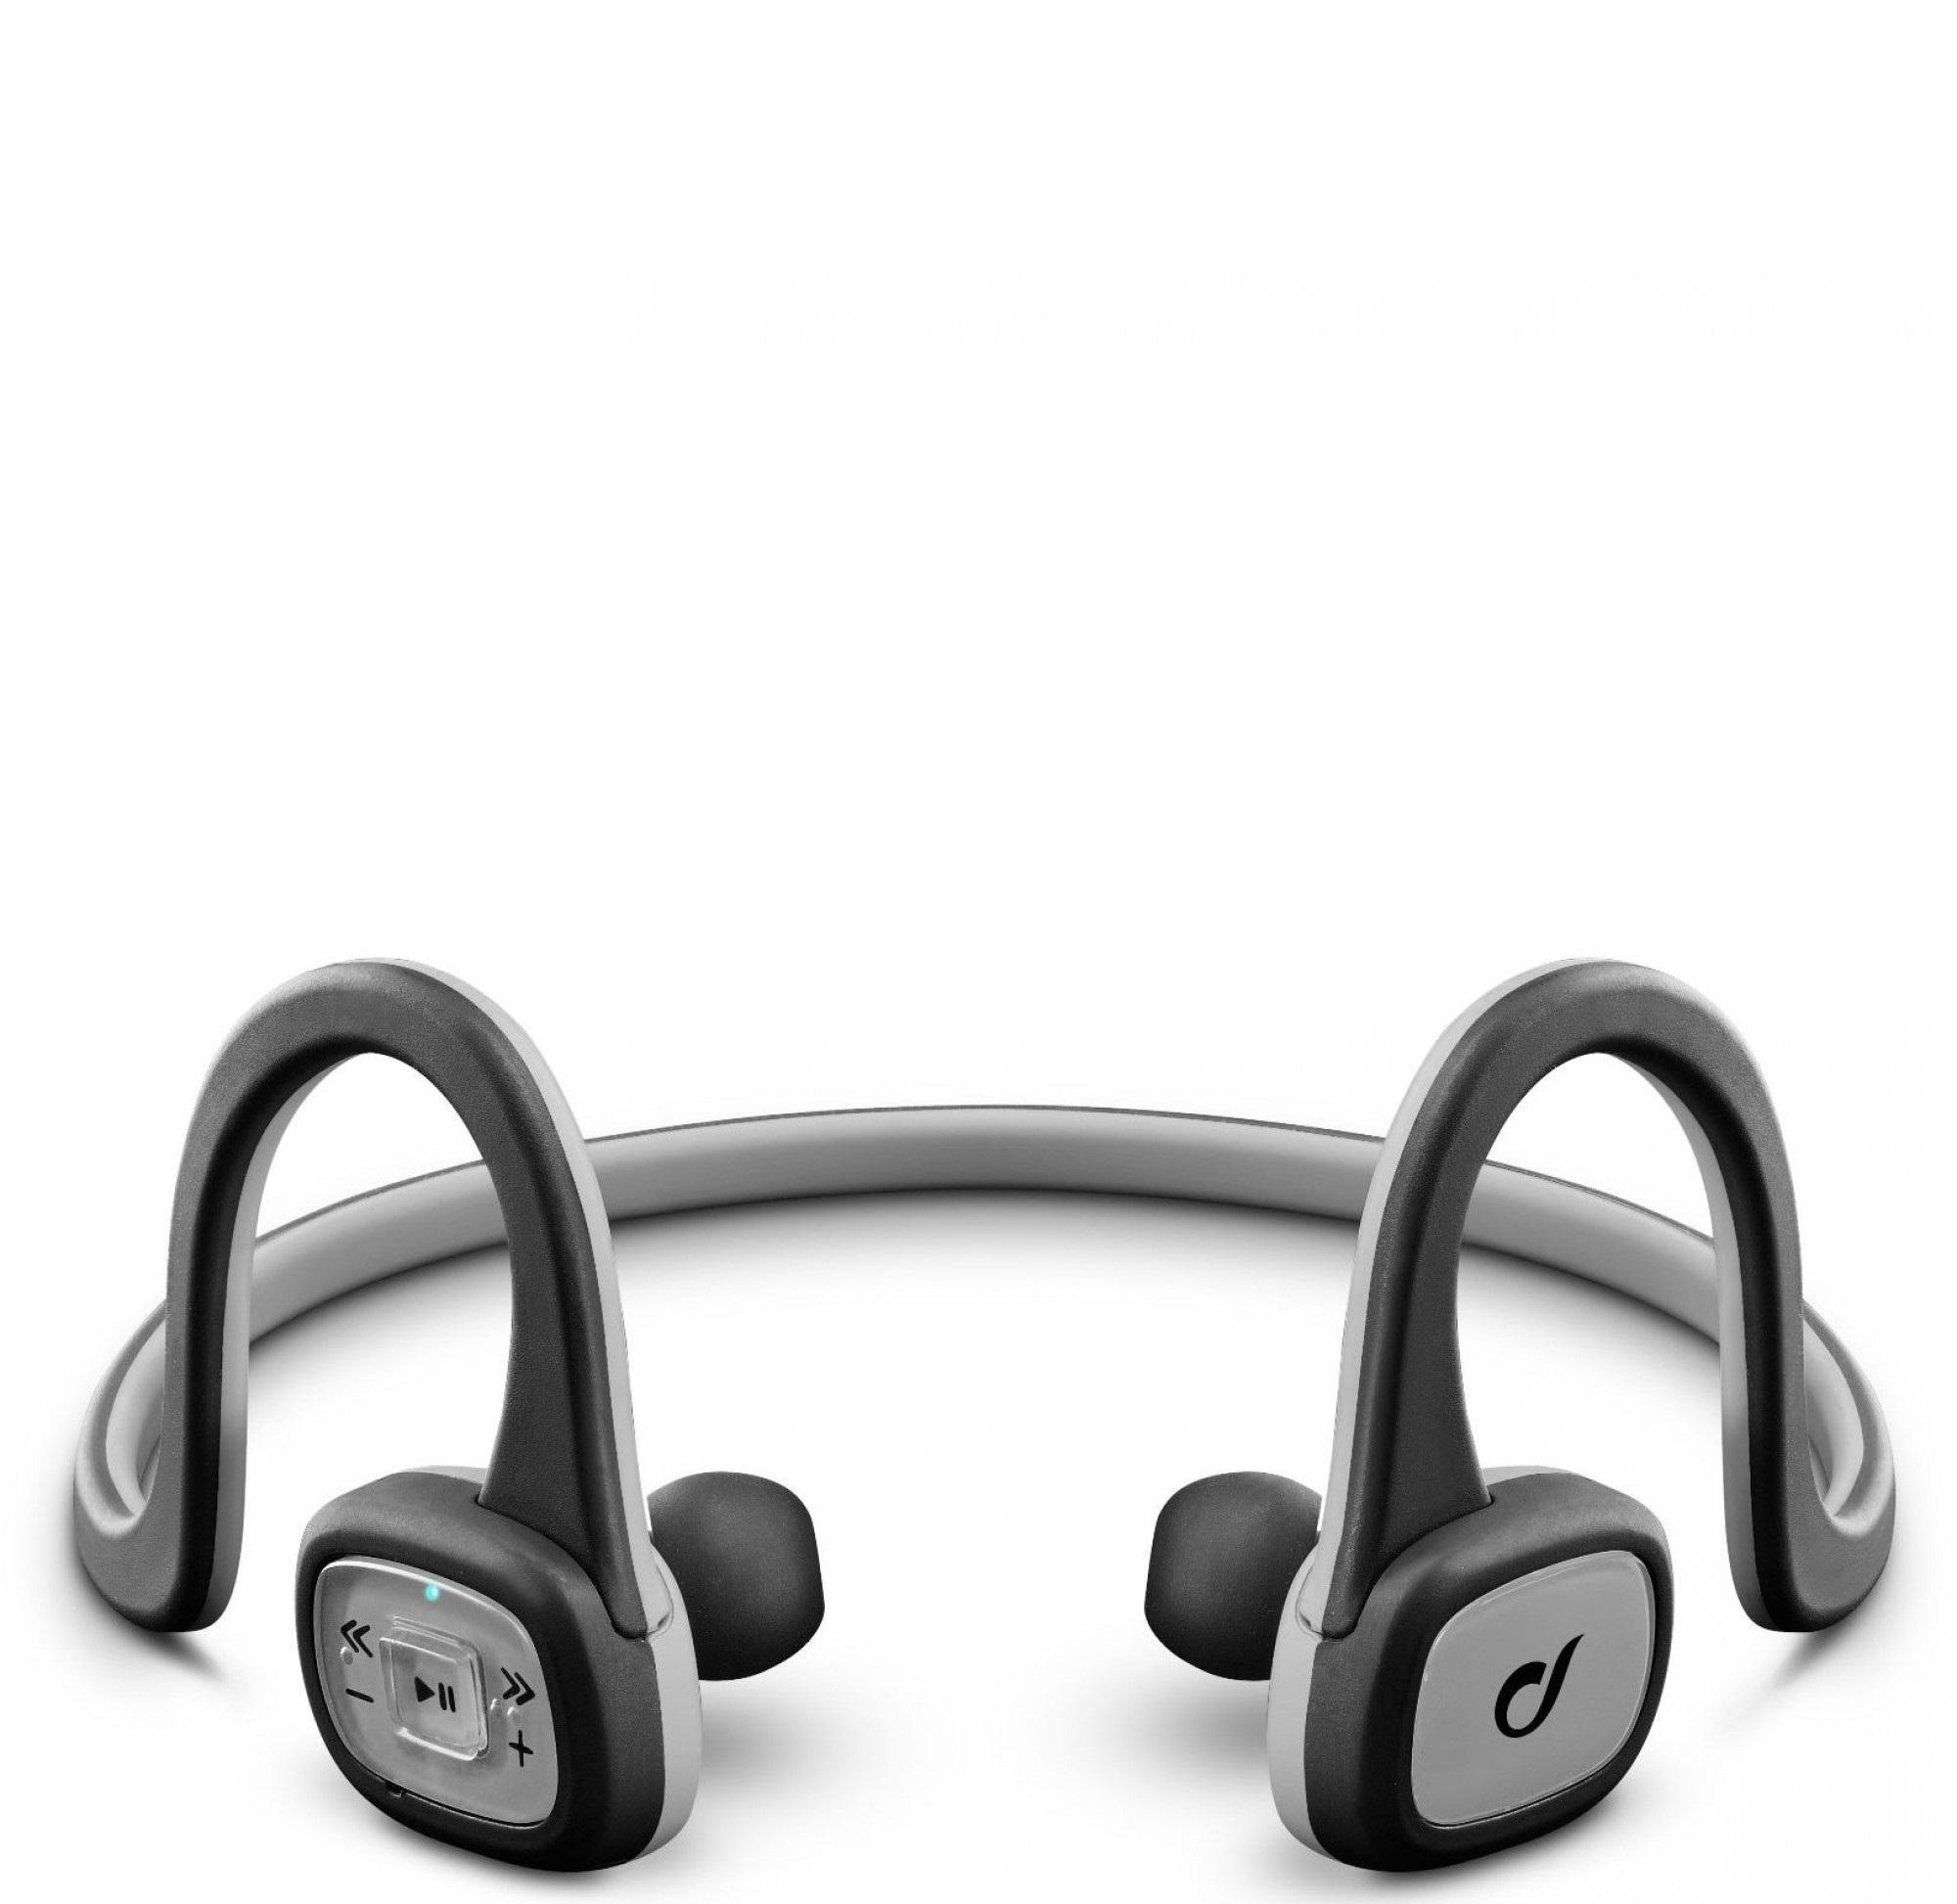 Cellularline BTSHAKED Aggancio, Auricolare Stereofonico Senza fili auricolare per telefono cellulare